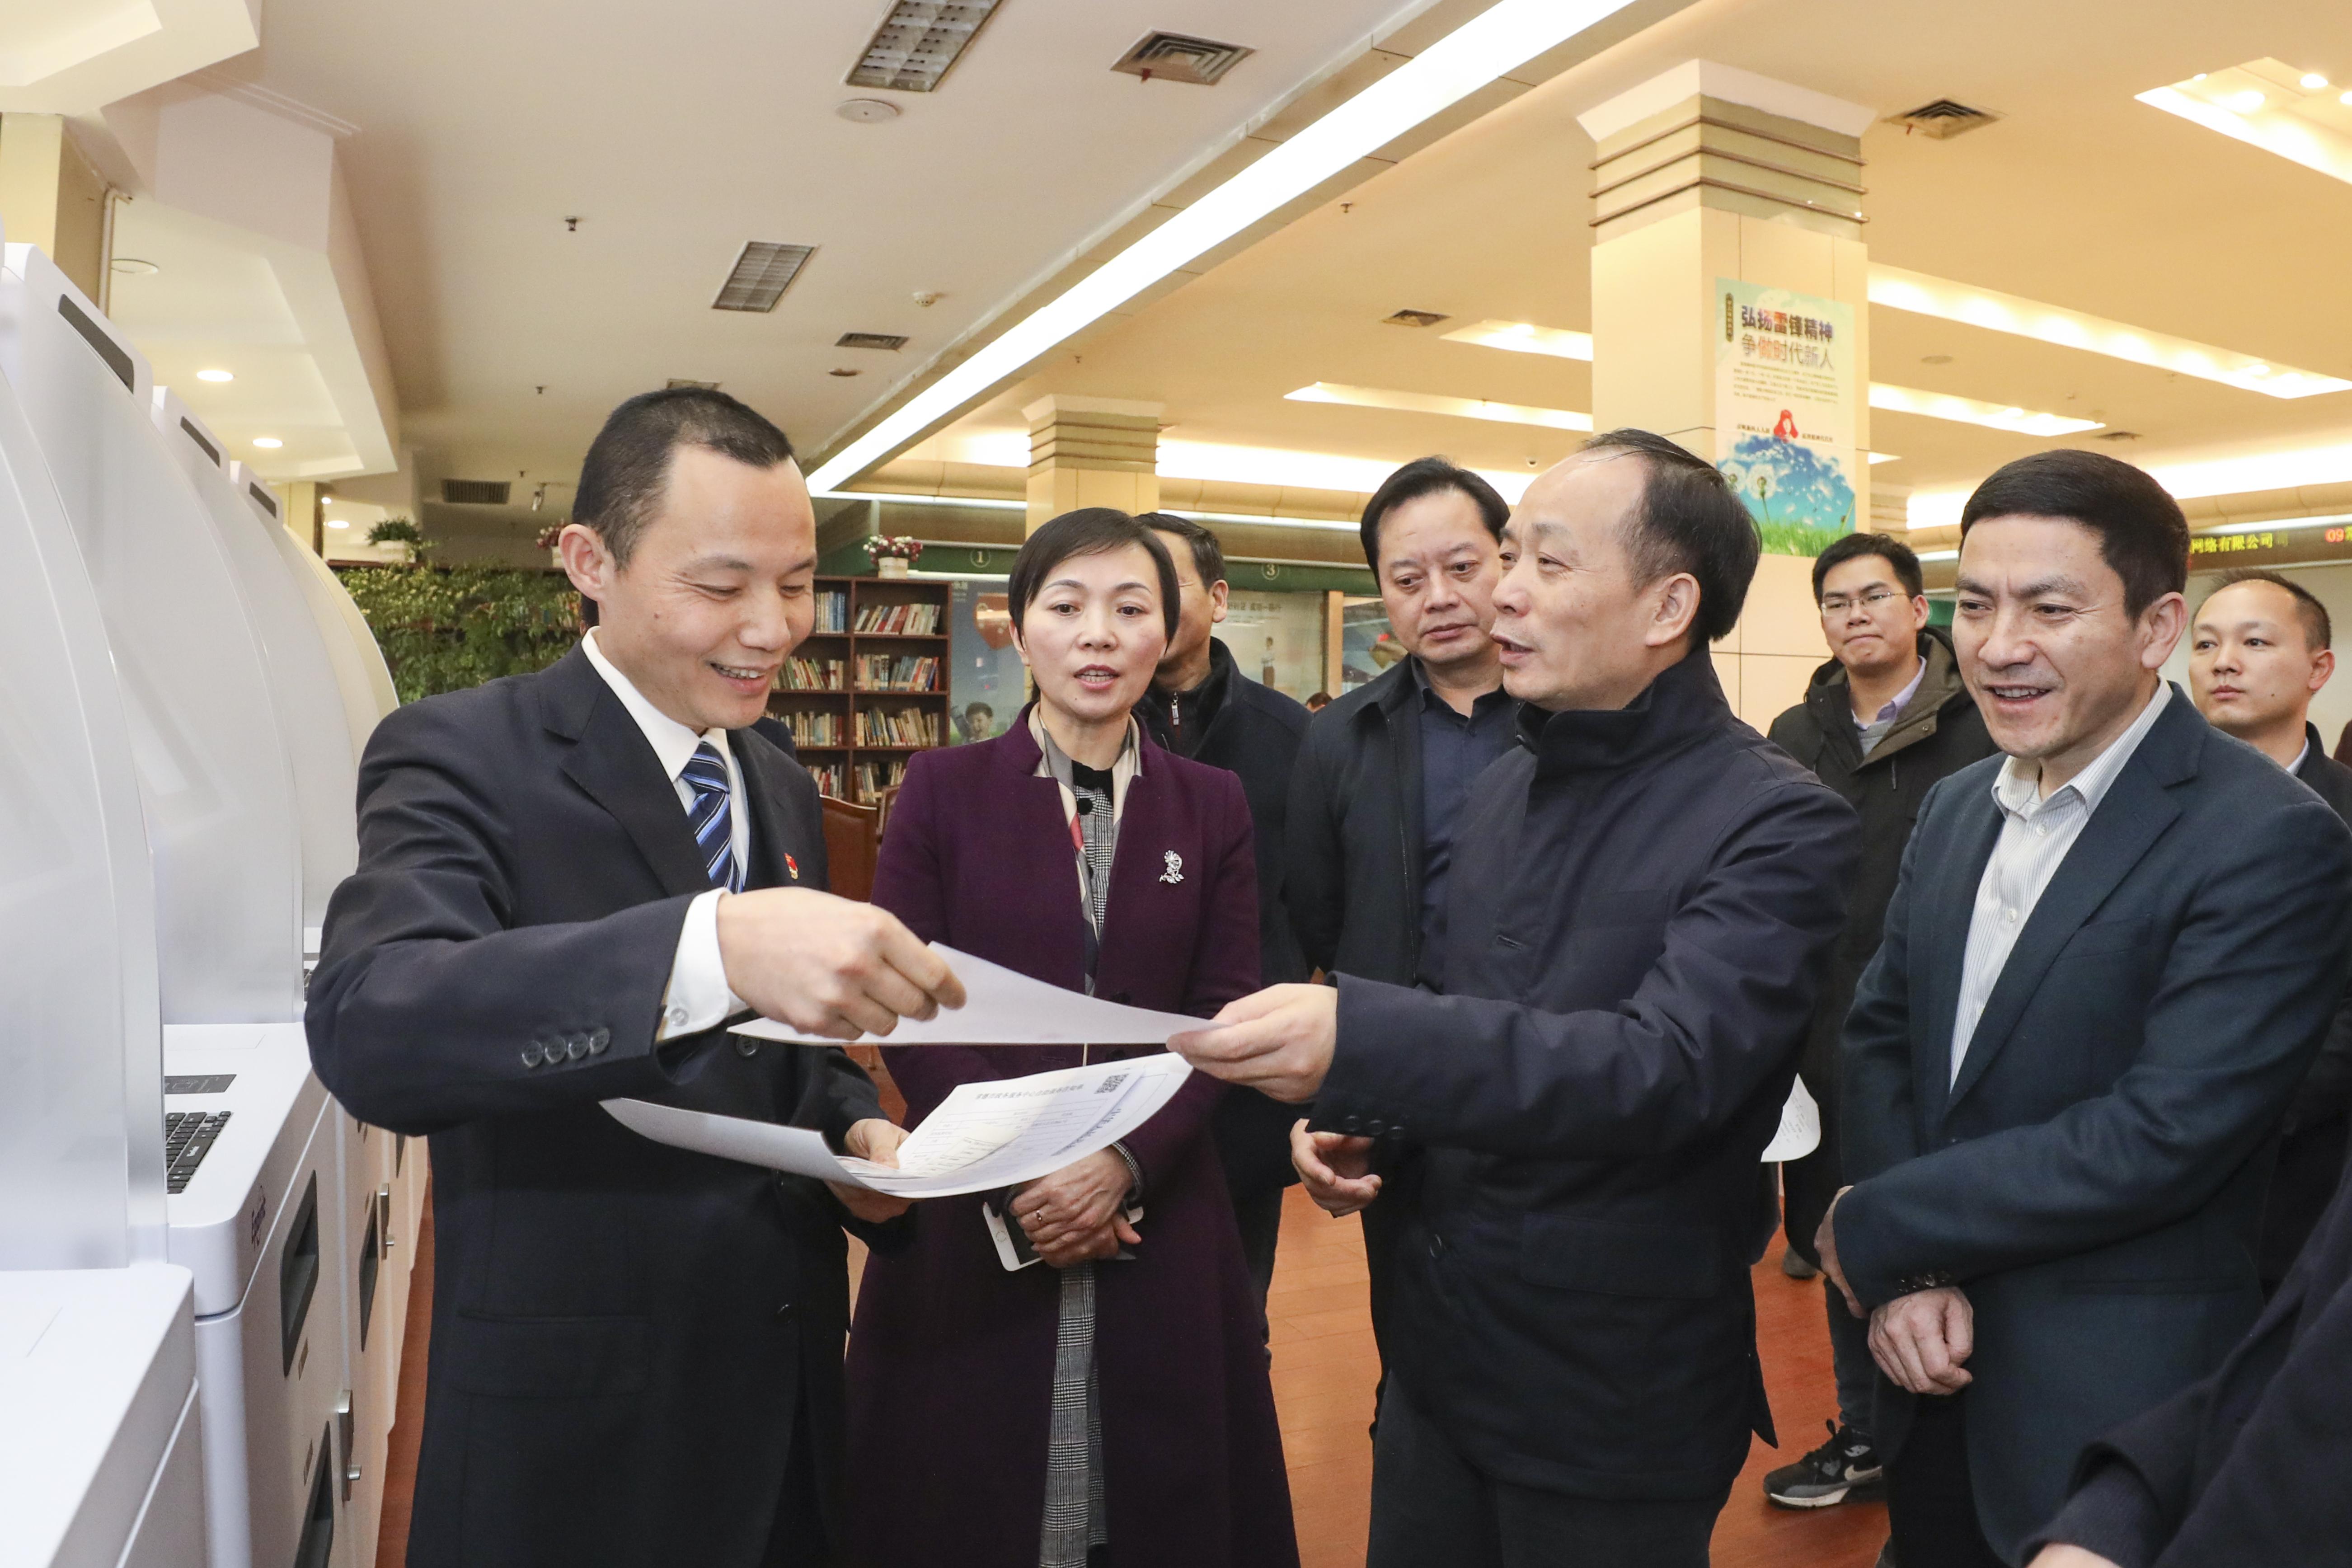 周德睿:保绝对安全 保优质服务  让人民群众过一个平安祥和春节